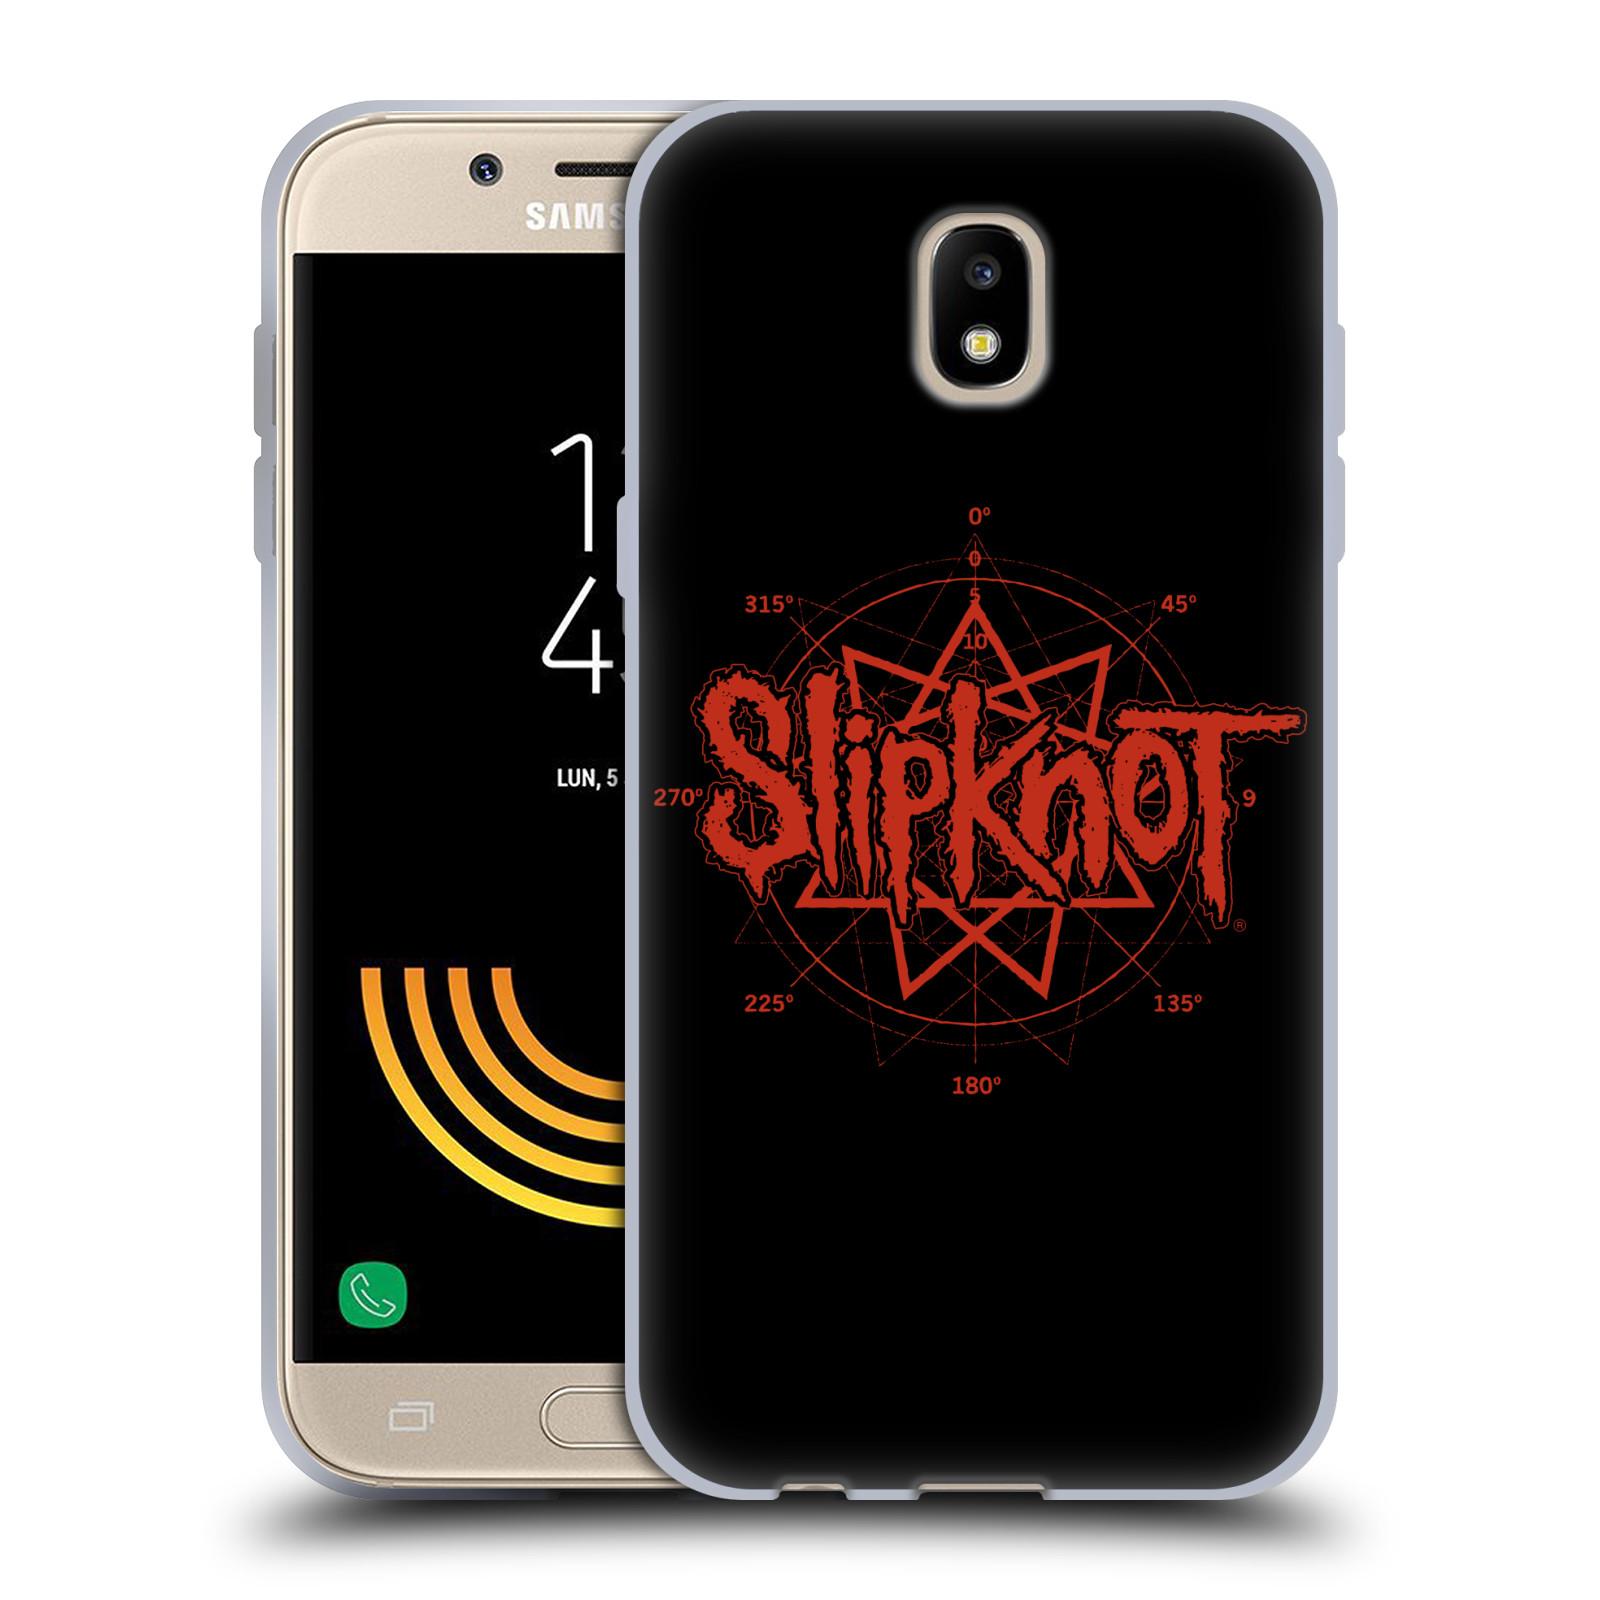 HEAD CASE silikonový obal na mobil Samsung Galaxy J5 2017 hudební skupina Slipknot logo